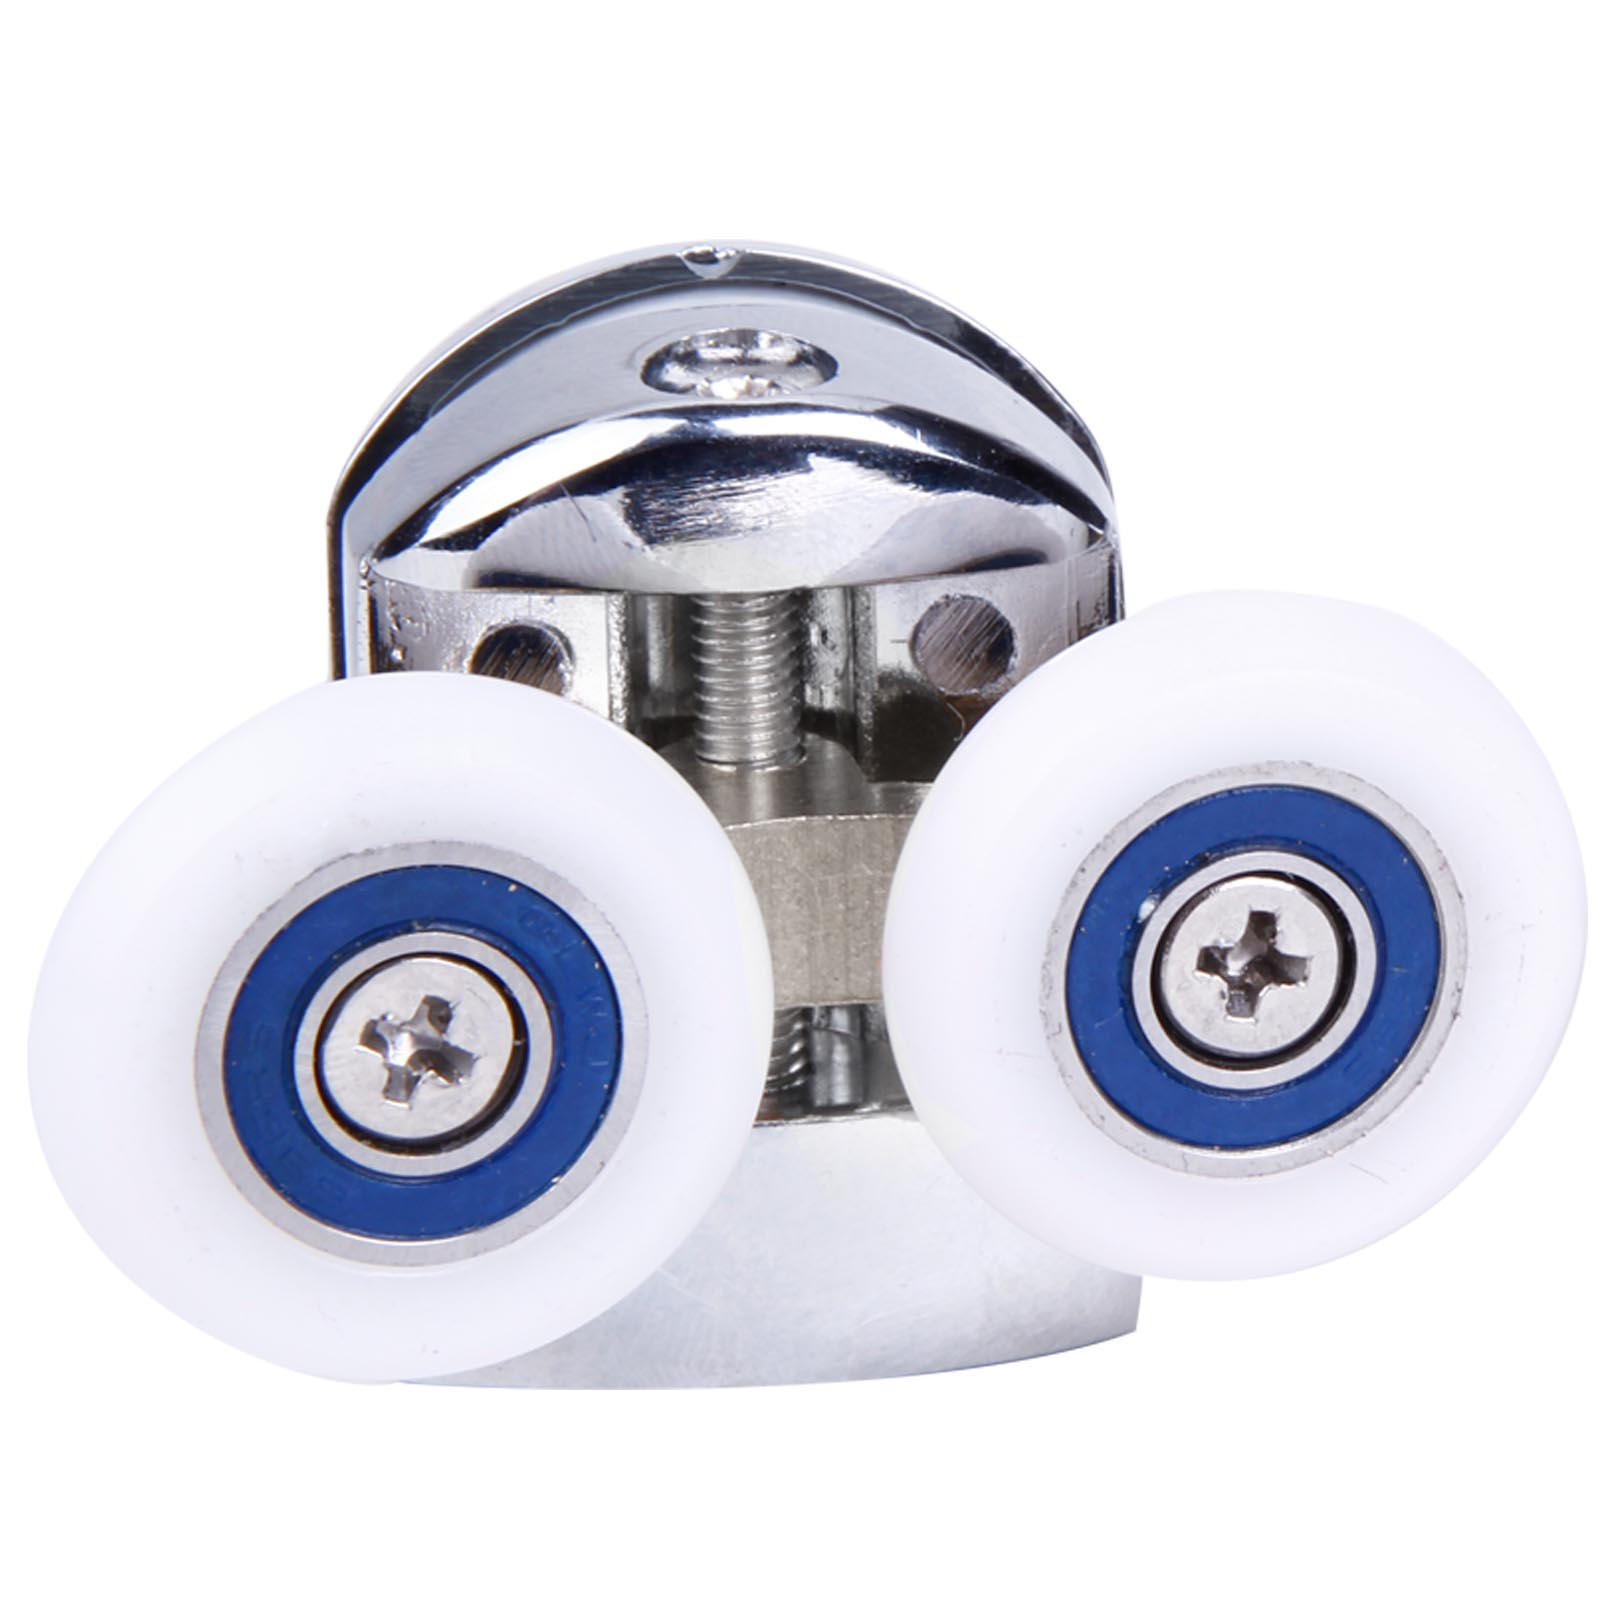 2 paire roue roulette rouleau porte glissant douche salle - Roulette de porte de douche ...